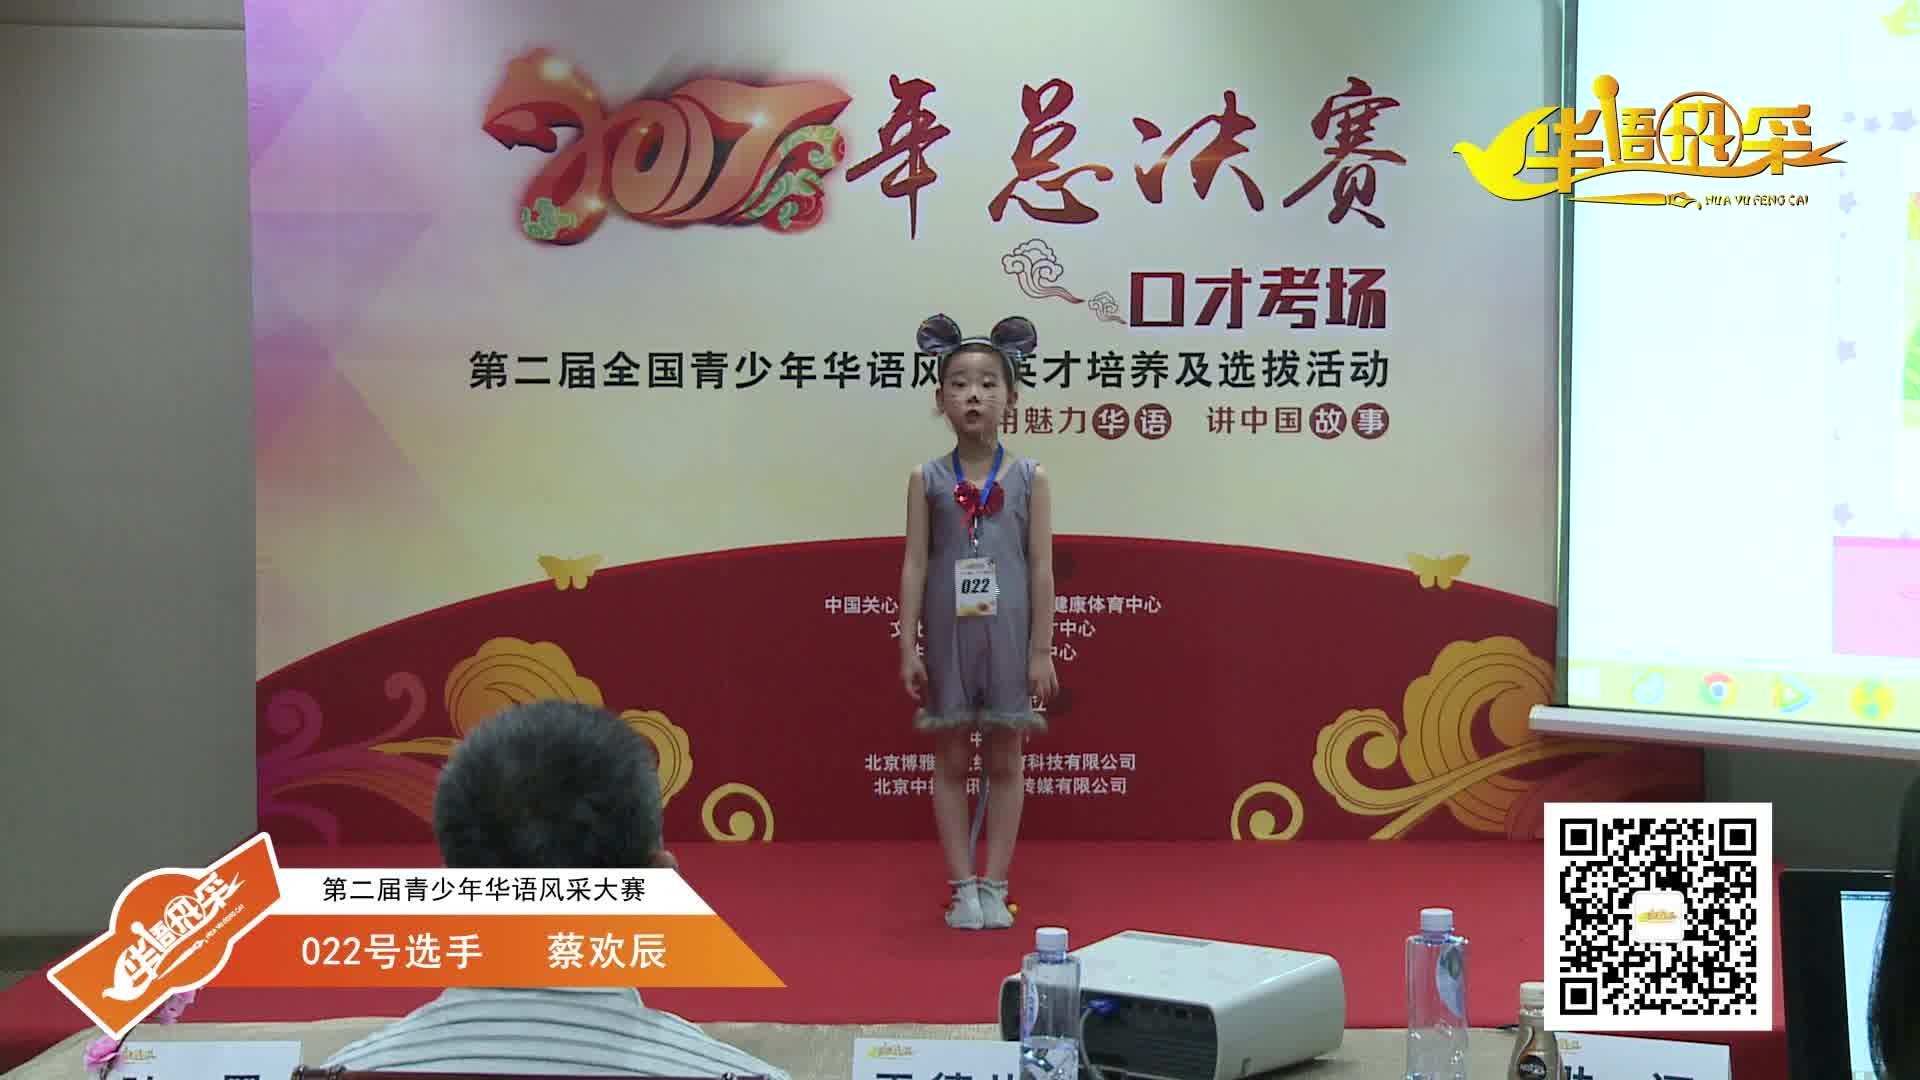 022号选手:蔡欢辰